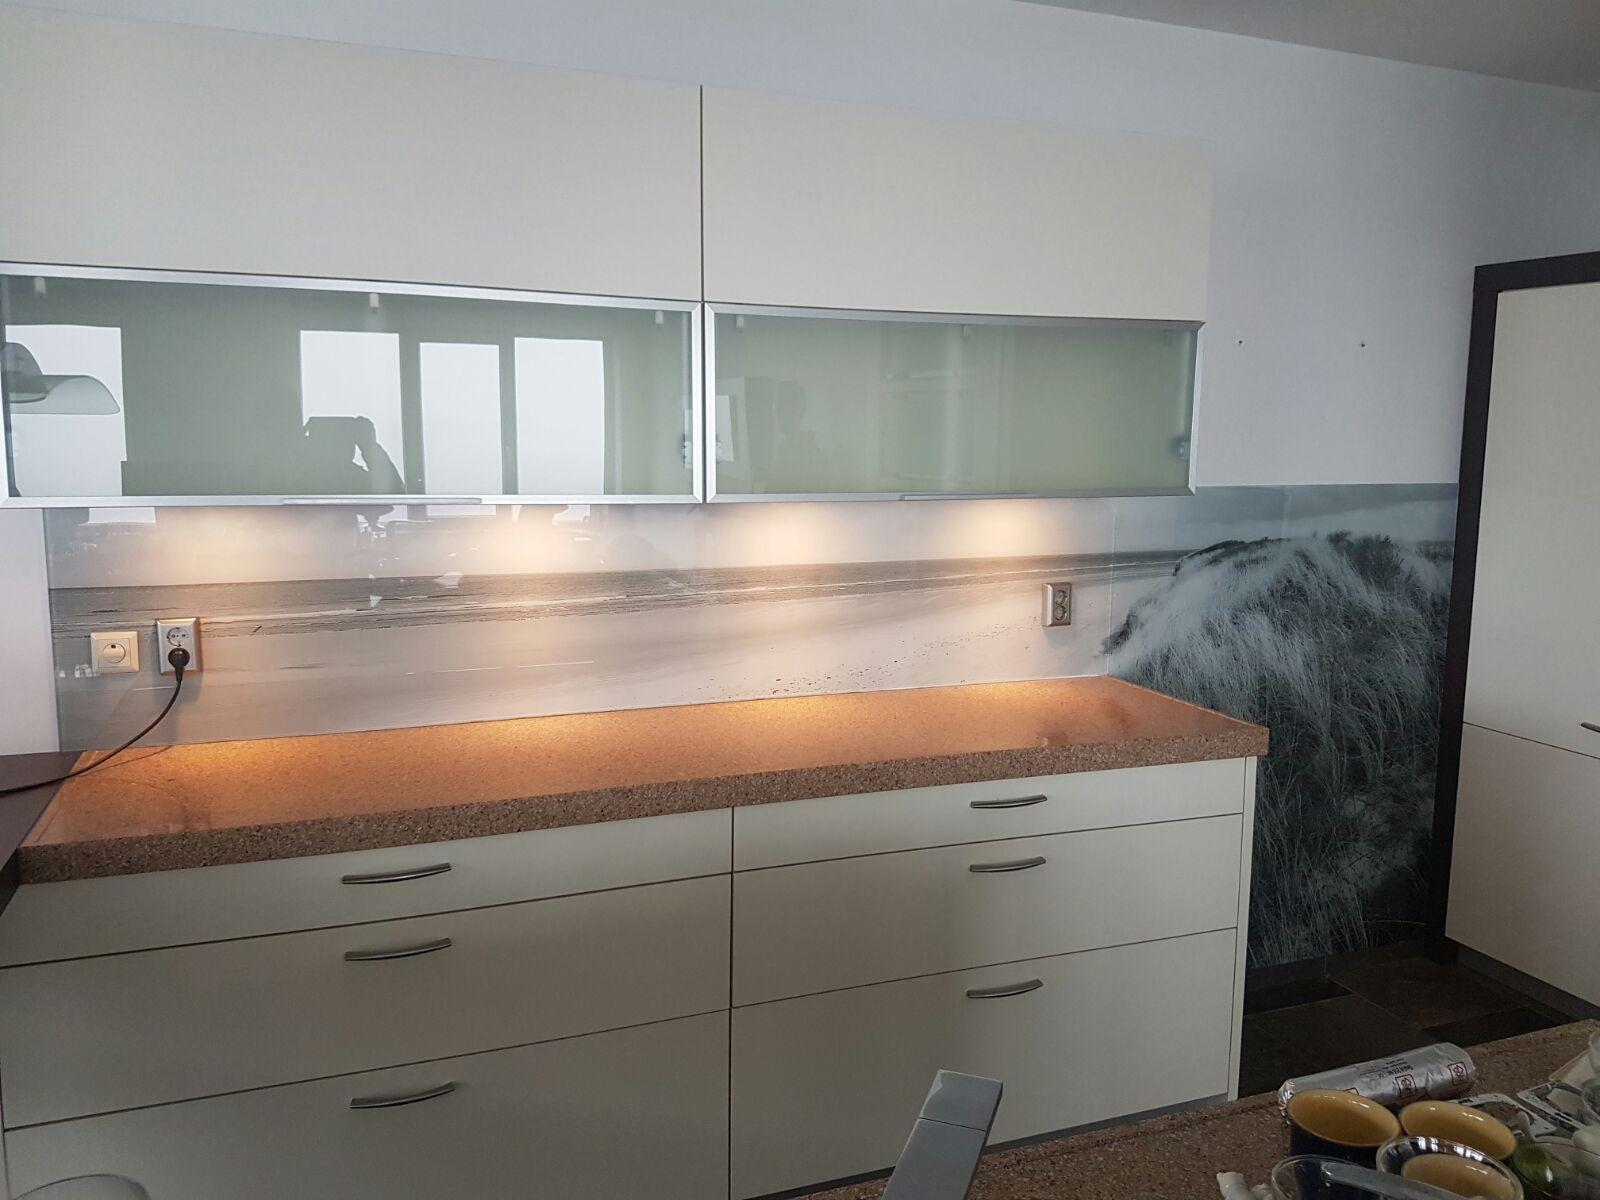 Achterwand Keuken Ideas : Glasbestellen.nl is hét adres voor uw keuken achterwand glas. wij